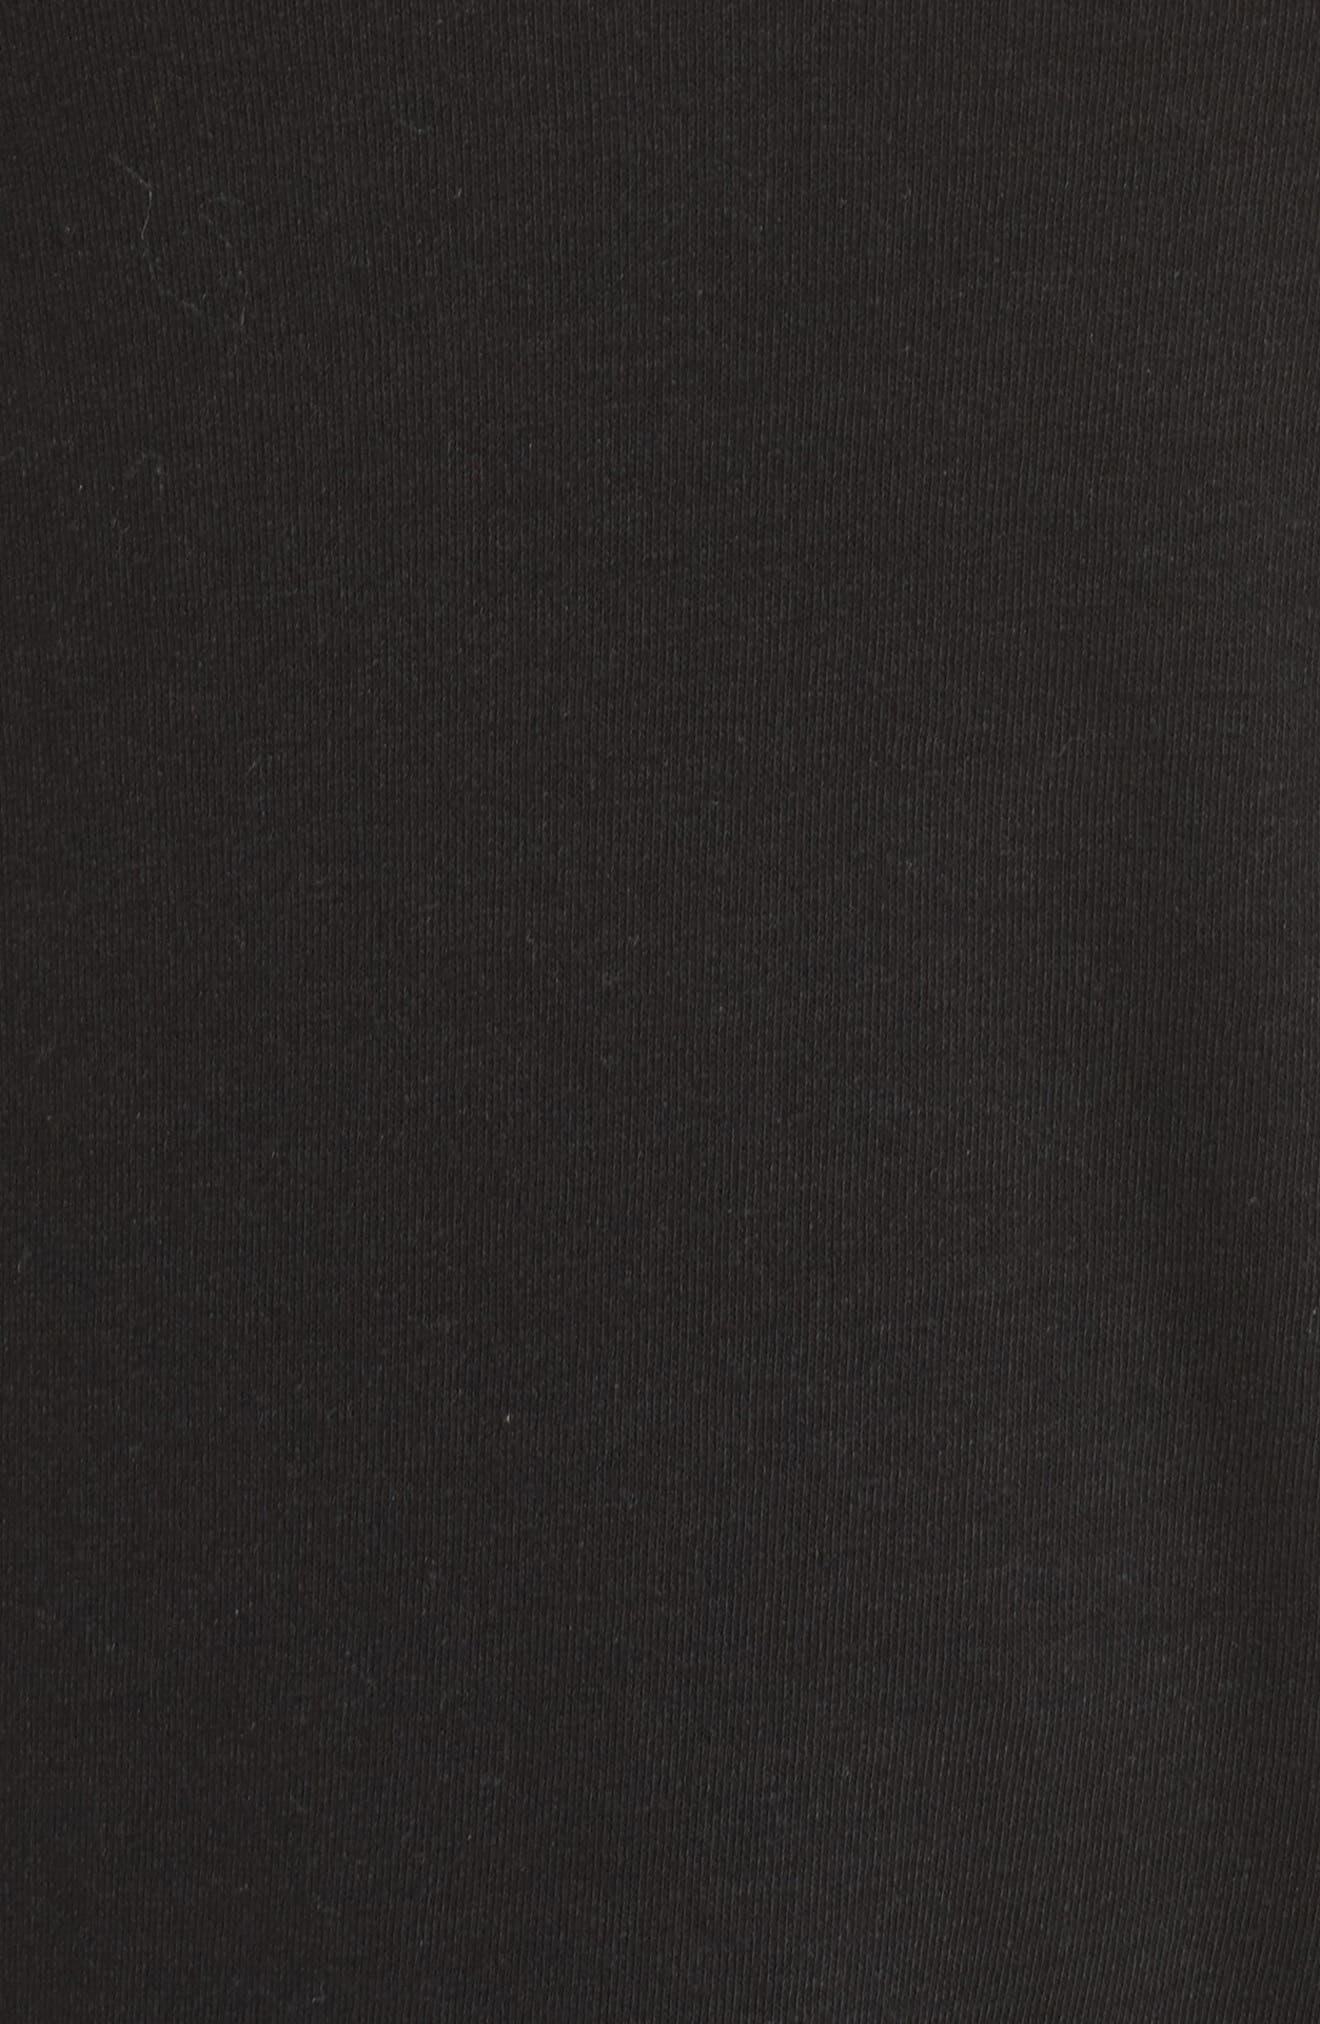 Ruffle Sleeve Yoke Linen Blend Tee,                             Alternate thumbnail 6, color,                             001